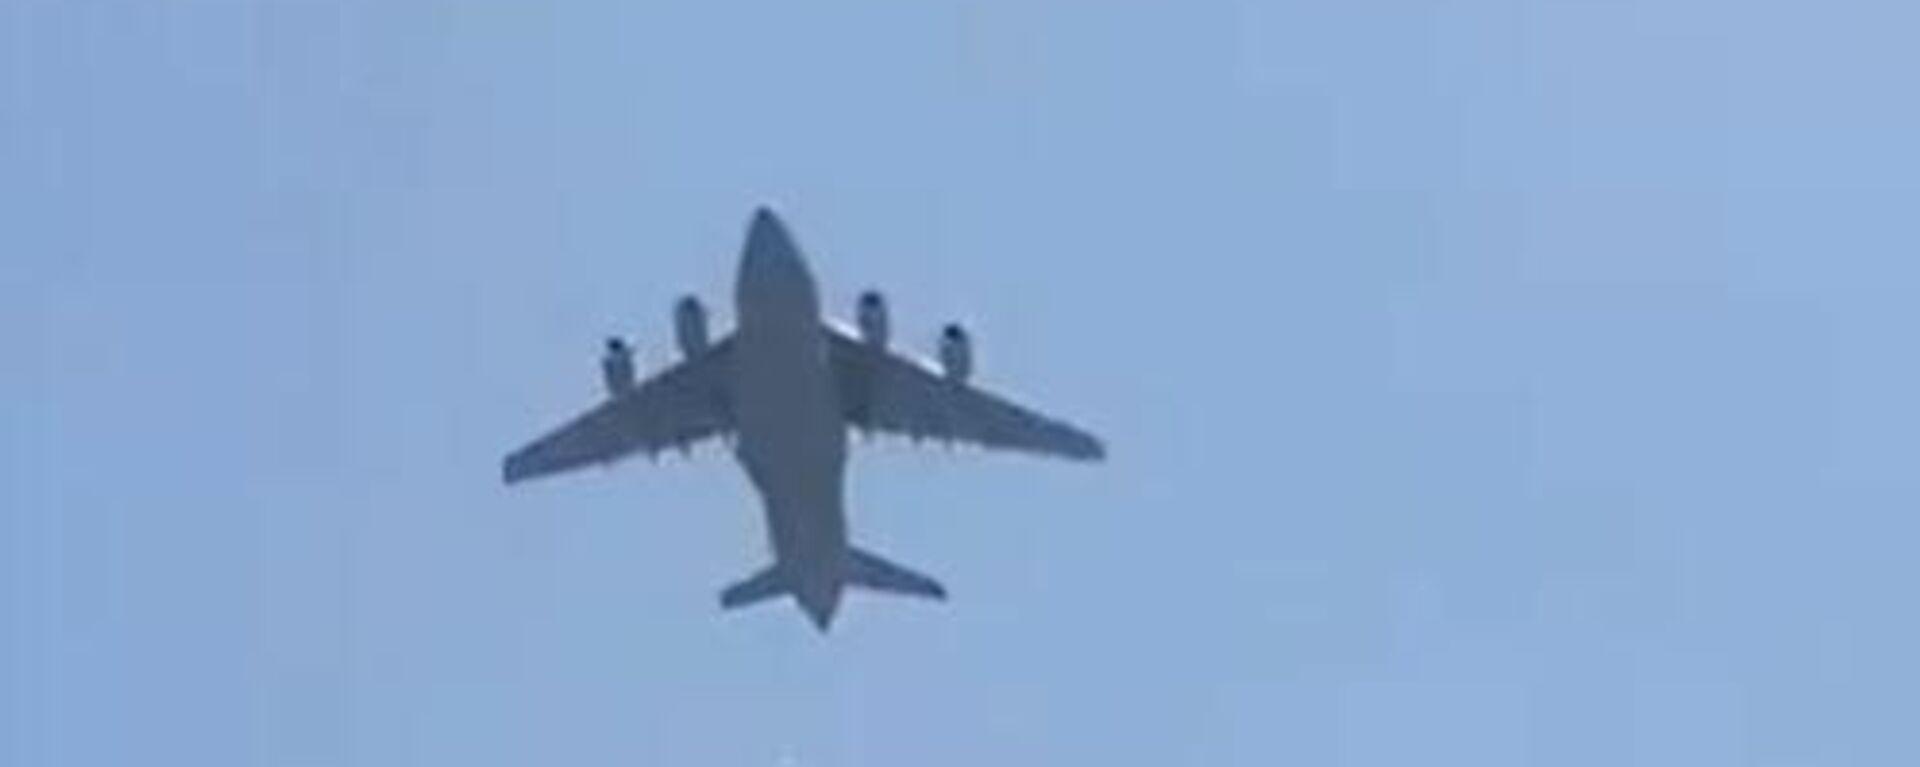 Βίντεο φέρεται να δείχνει ανθρώπους να πέφτουν από αεροπλάνο που απογειώνεται από την Καμπούλ - Sputnik Ελλάδα, 1920, 16.08.2021